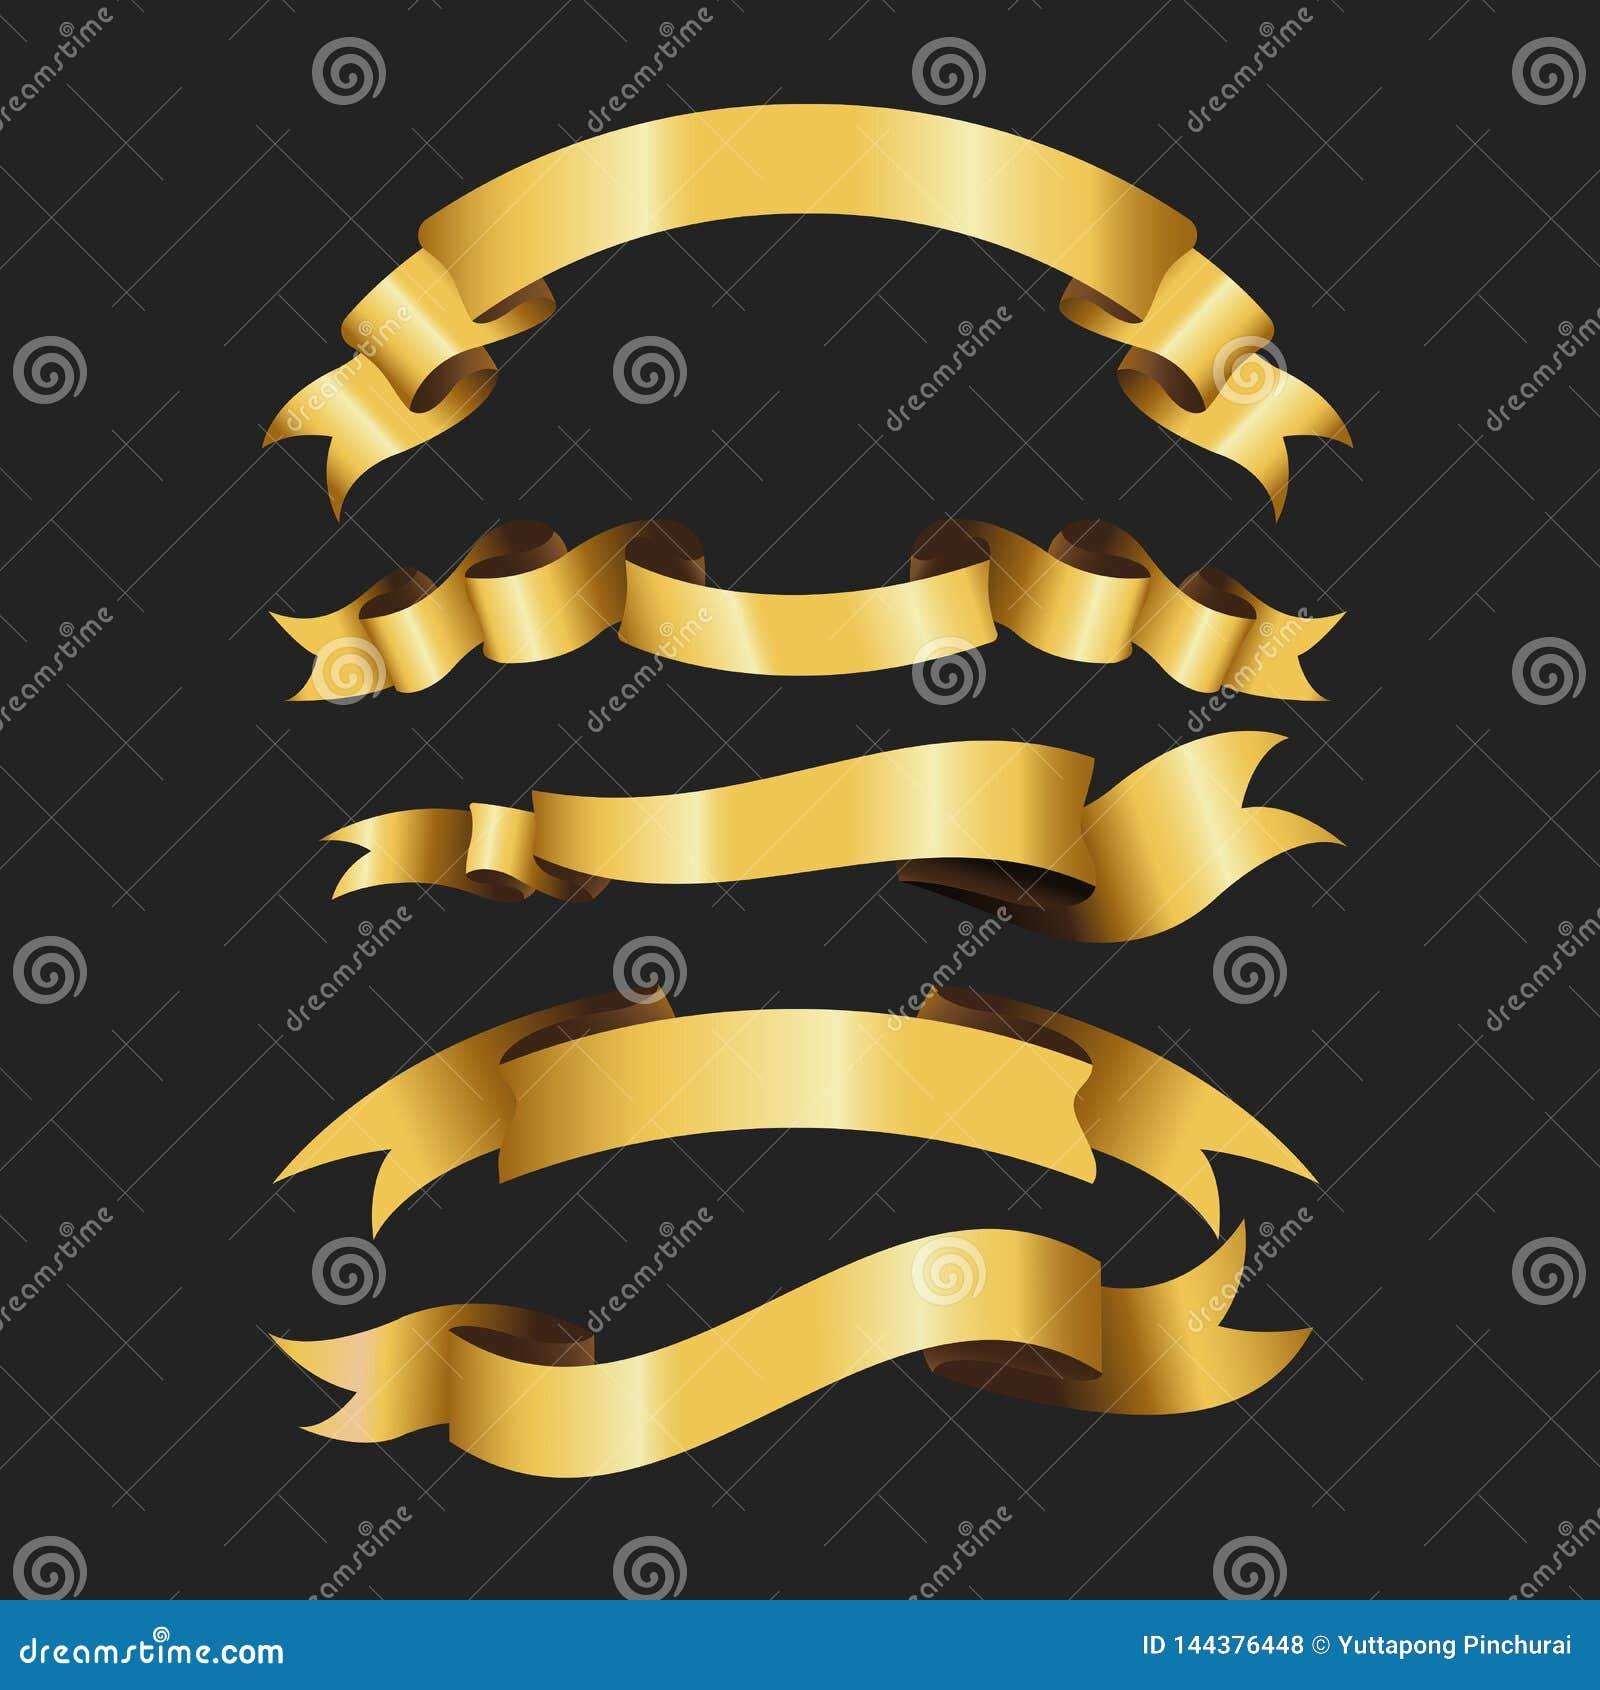 Σύνολο αναδρομικής χρυσής διανυσματικής απεικόνισης κορδελλών όμορφος εορταστικός τόξο σημαιών εμβλημάτων ταινιών Στη μαύρη ανασκ